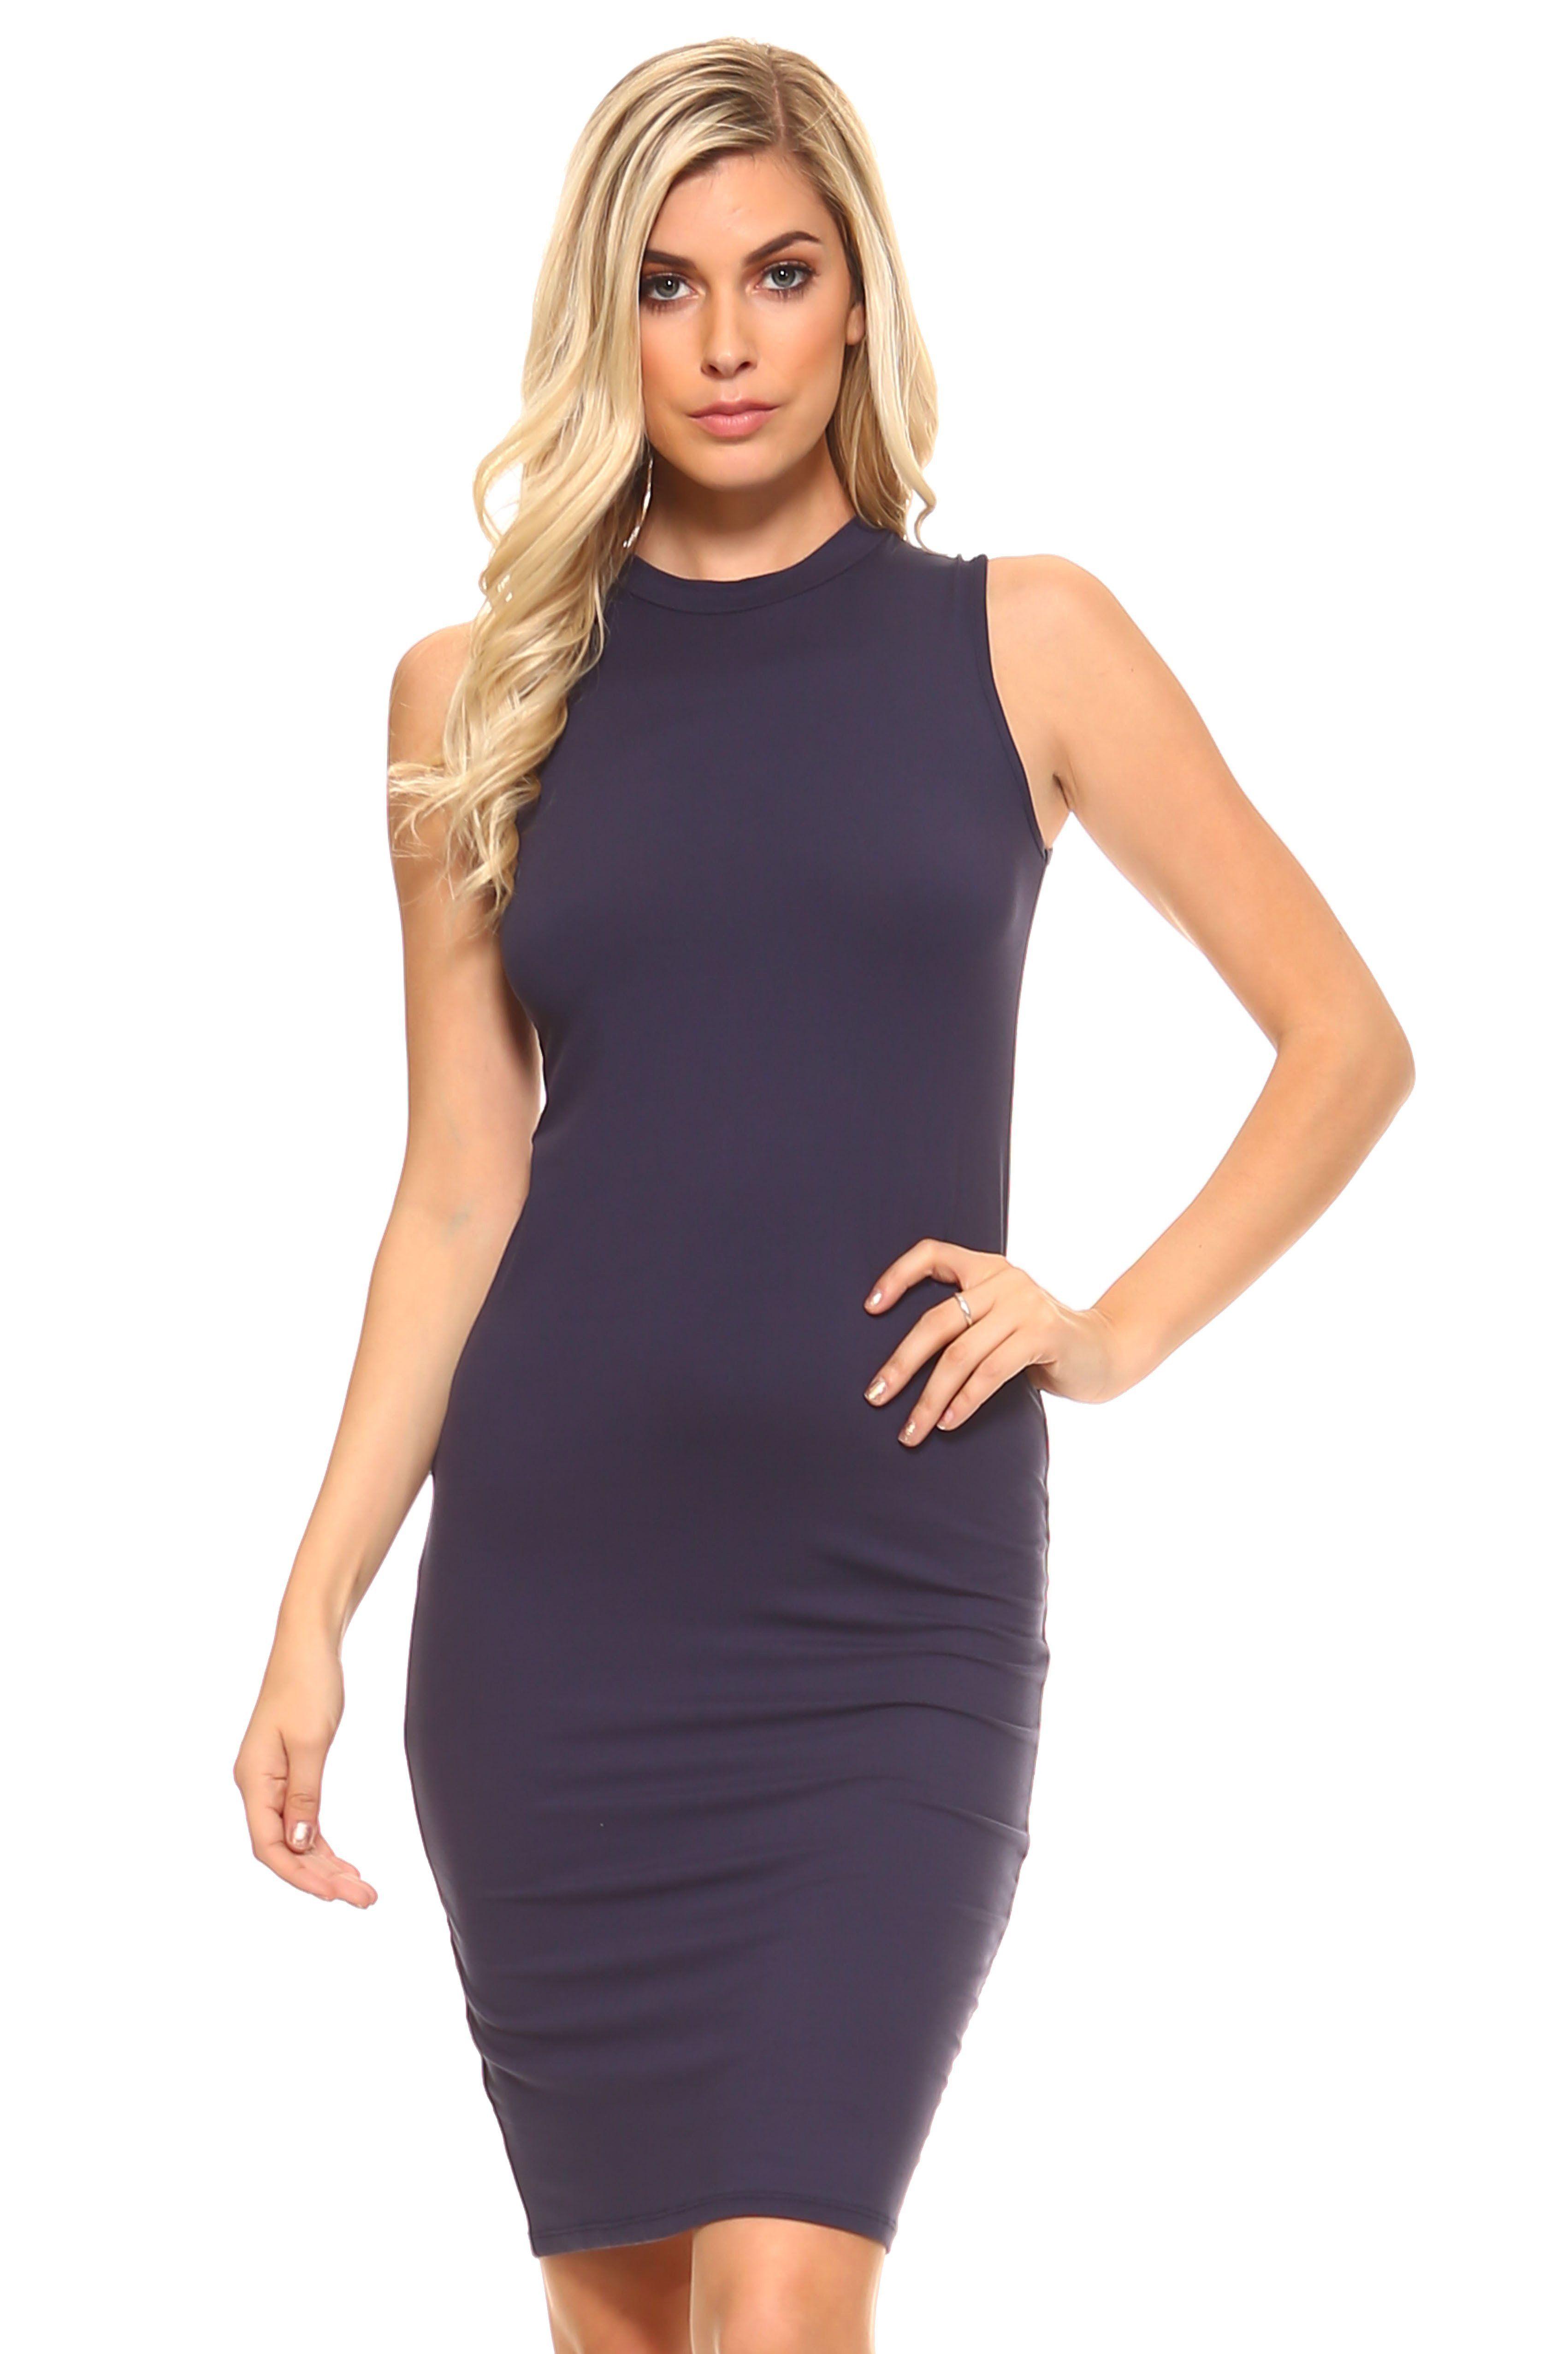 506f1472a2967 Women's High Neck Sleeveless Dress | Women's Jackets Hoodies ...